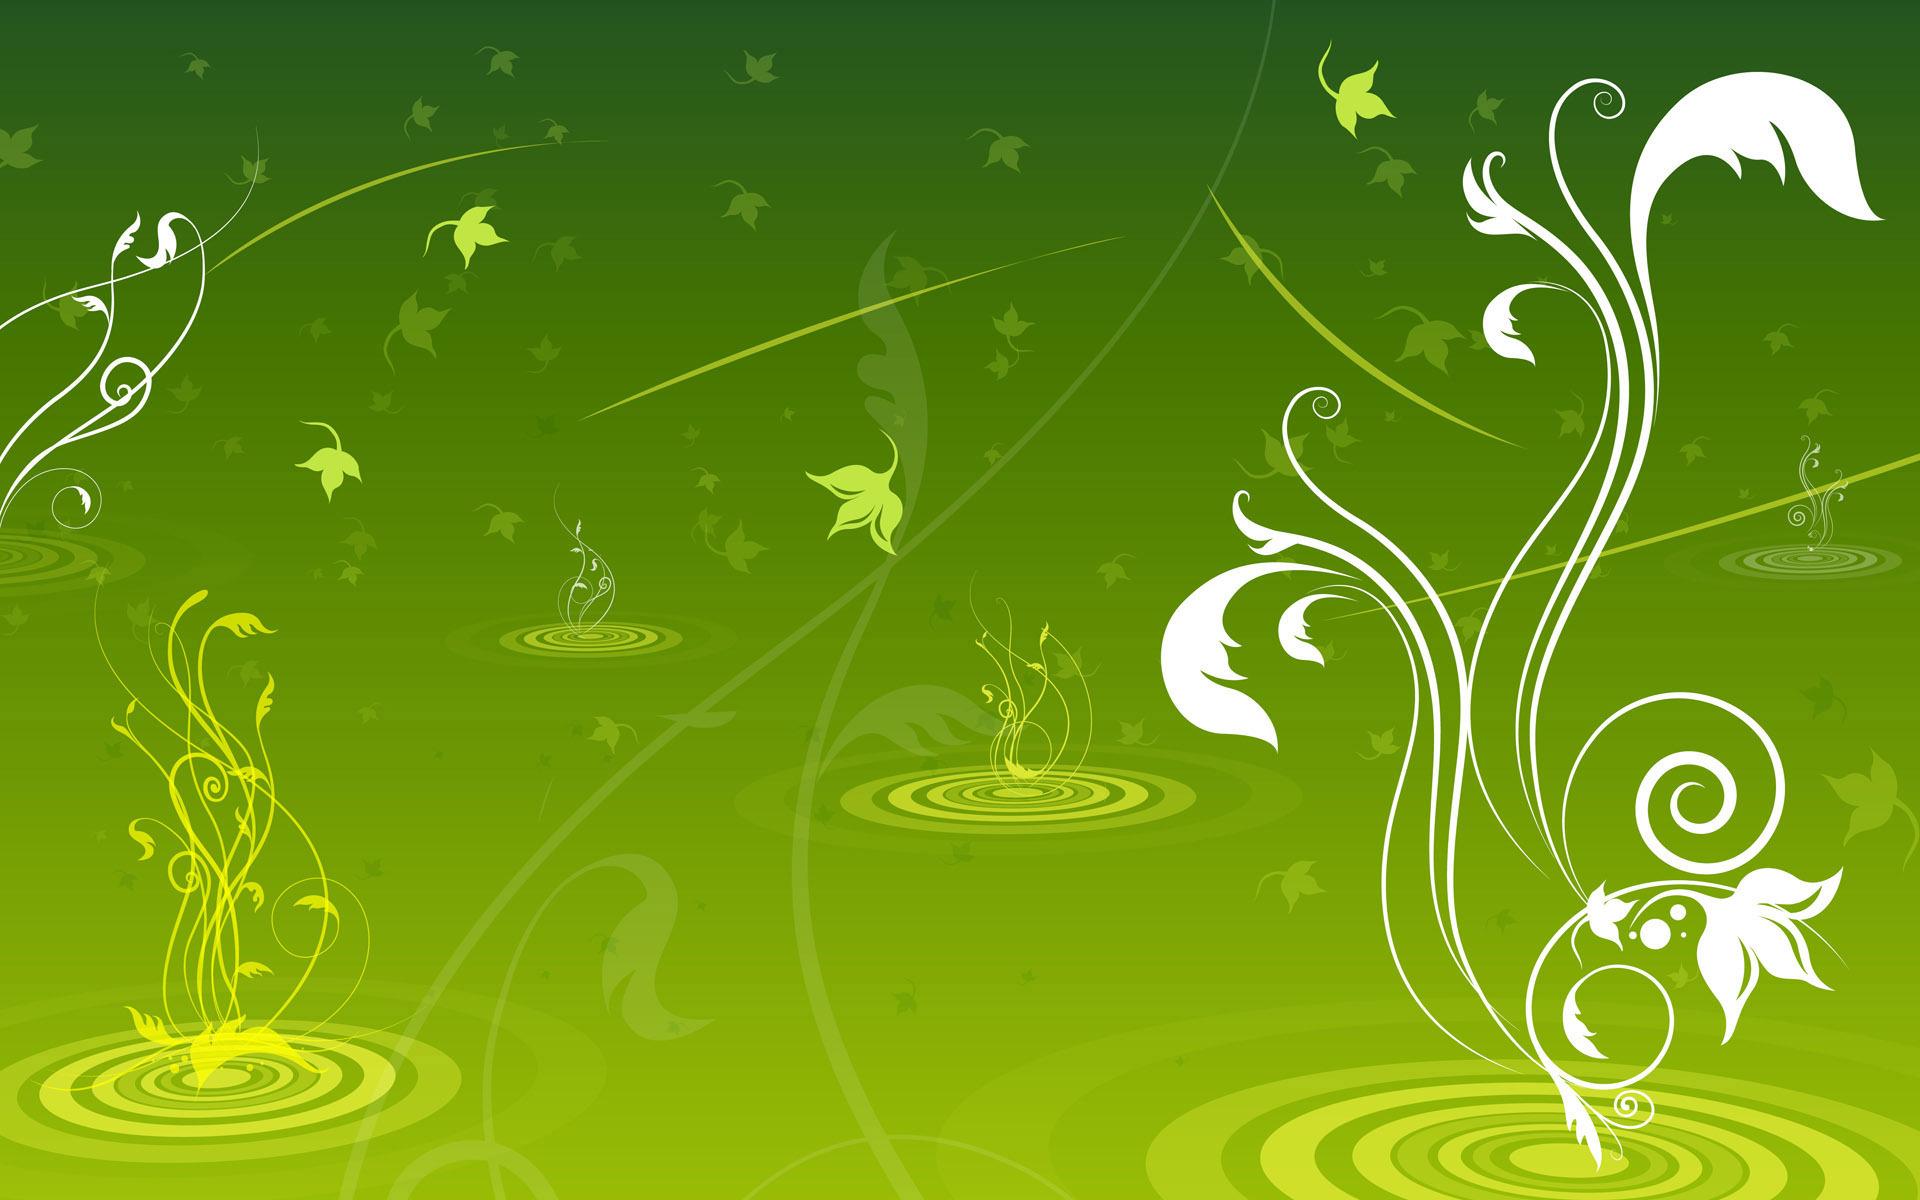 Green Swirls Wallpaper   Green Wallpaper 20988856 1920x1200